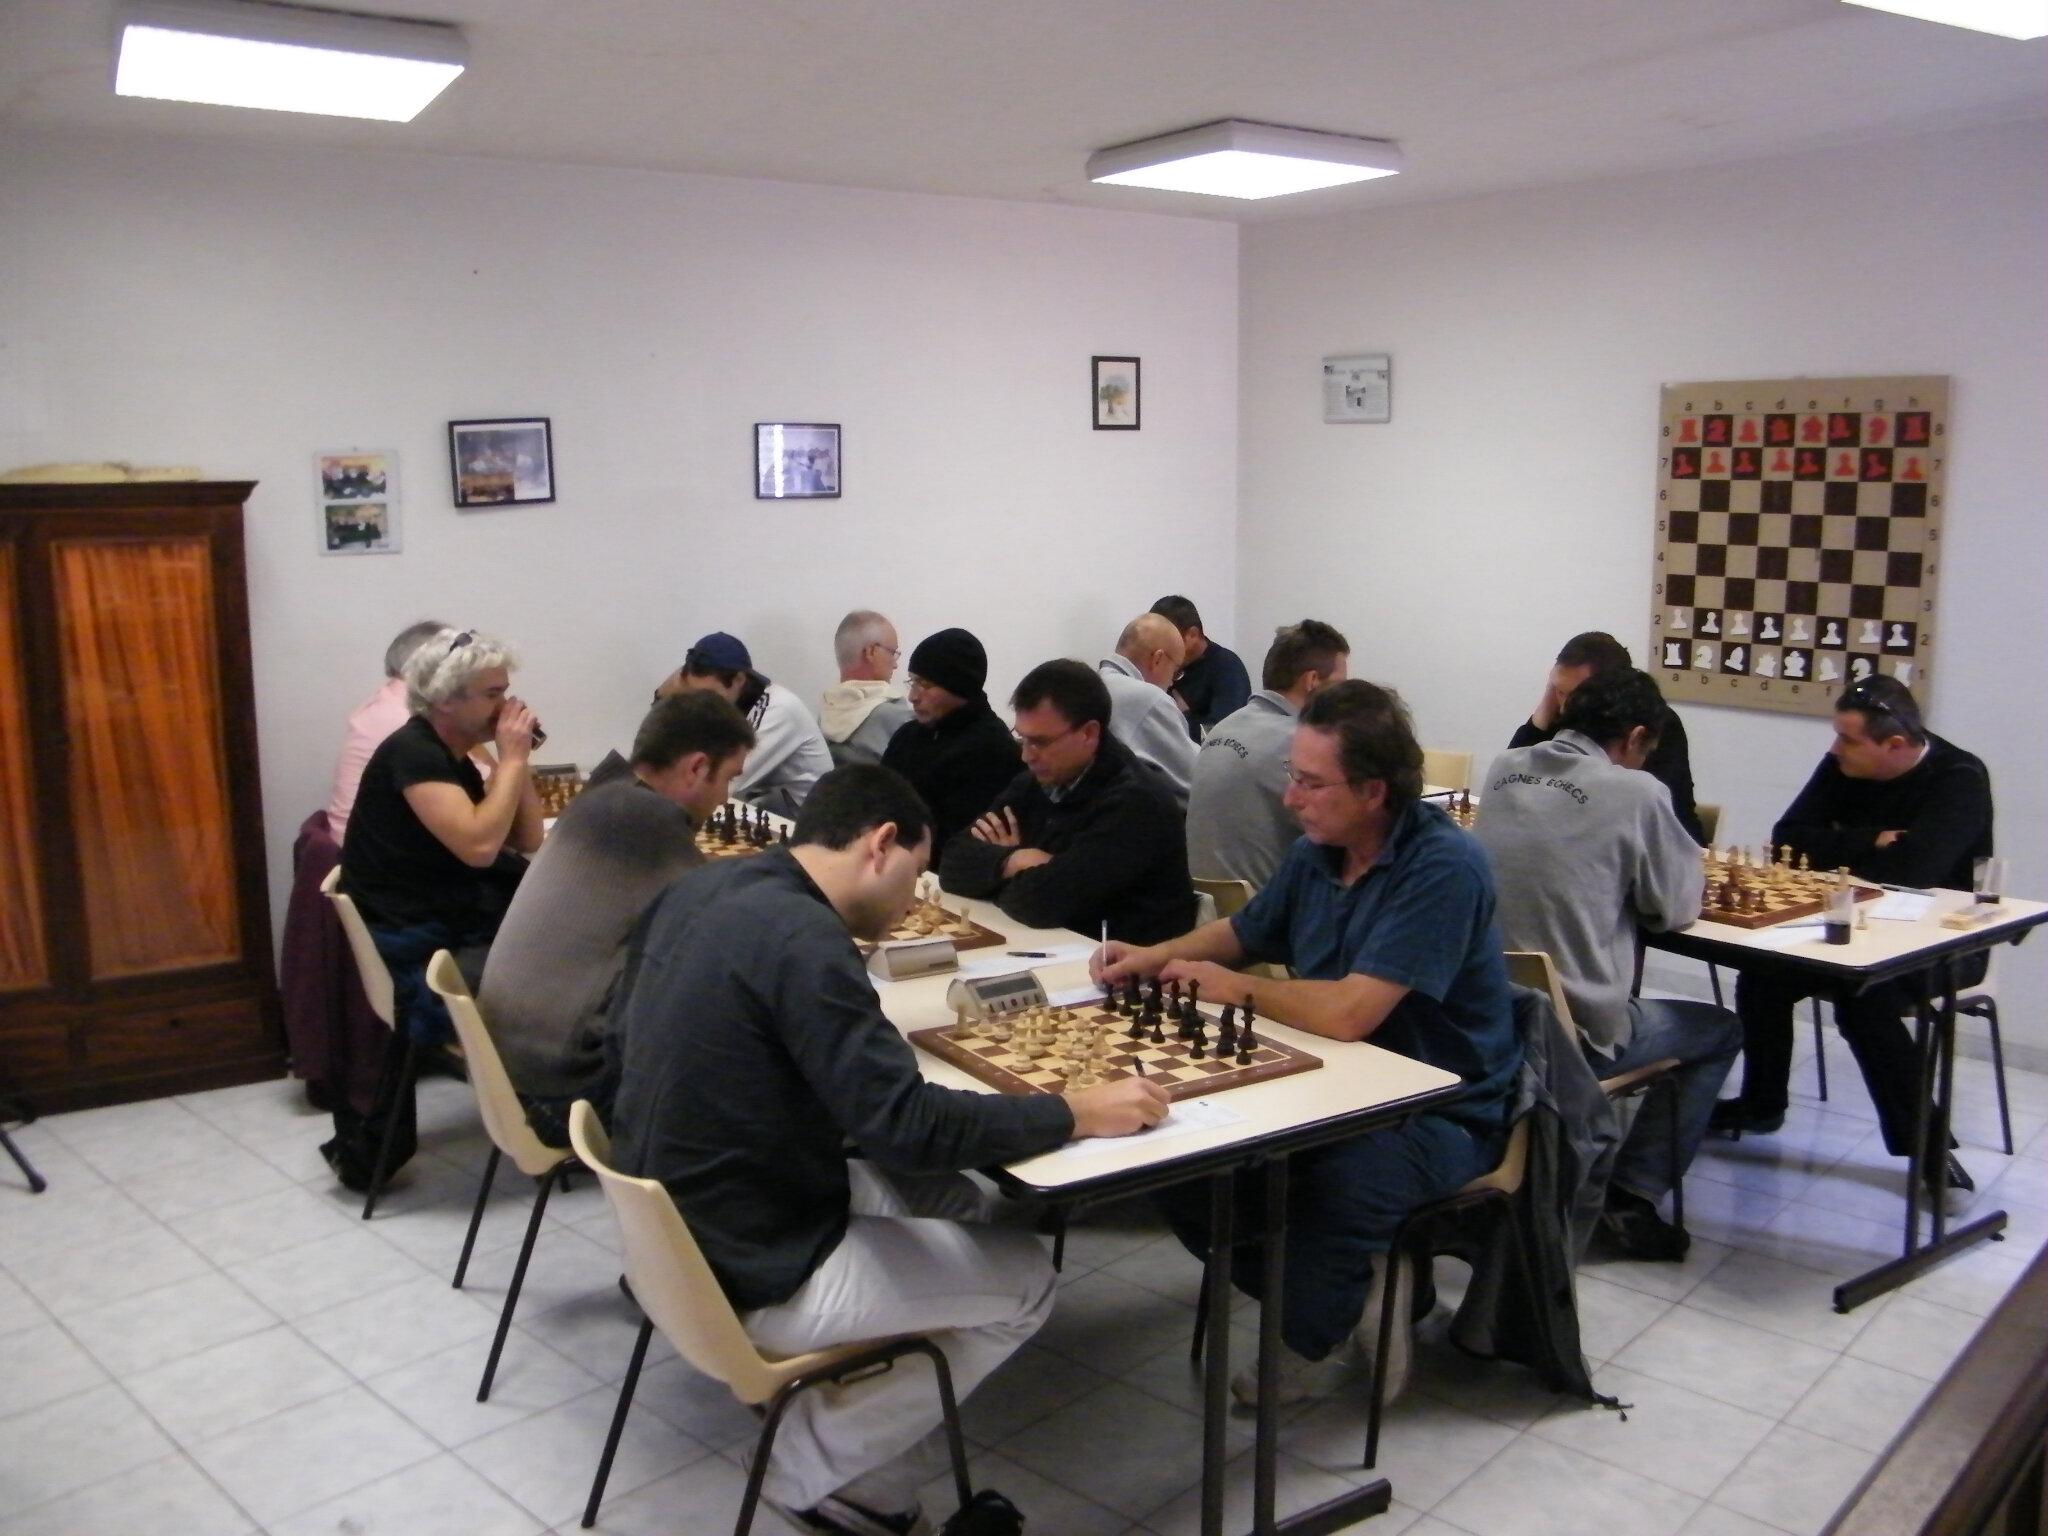 N4 2010-2011 R1 Cagnes-sur-Mer vs Les Arcs-sur-Argens (2)